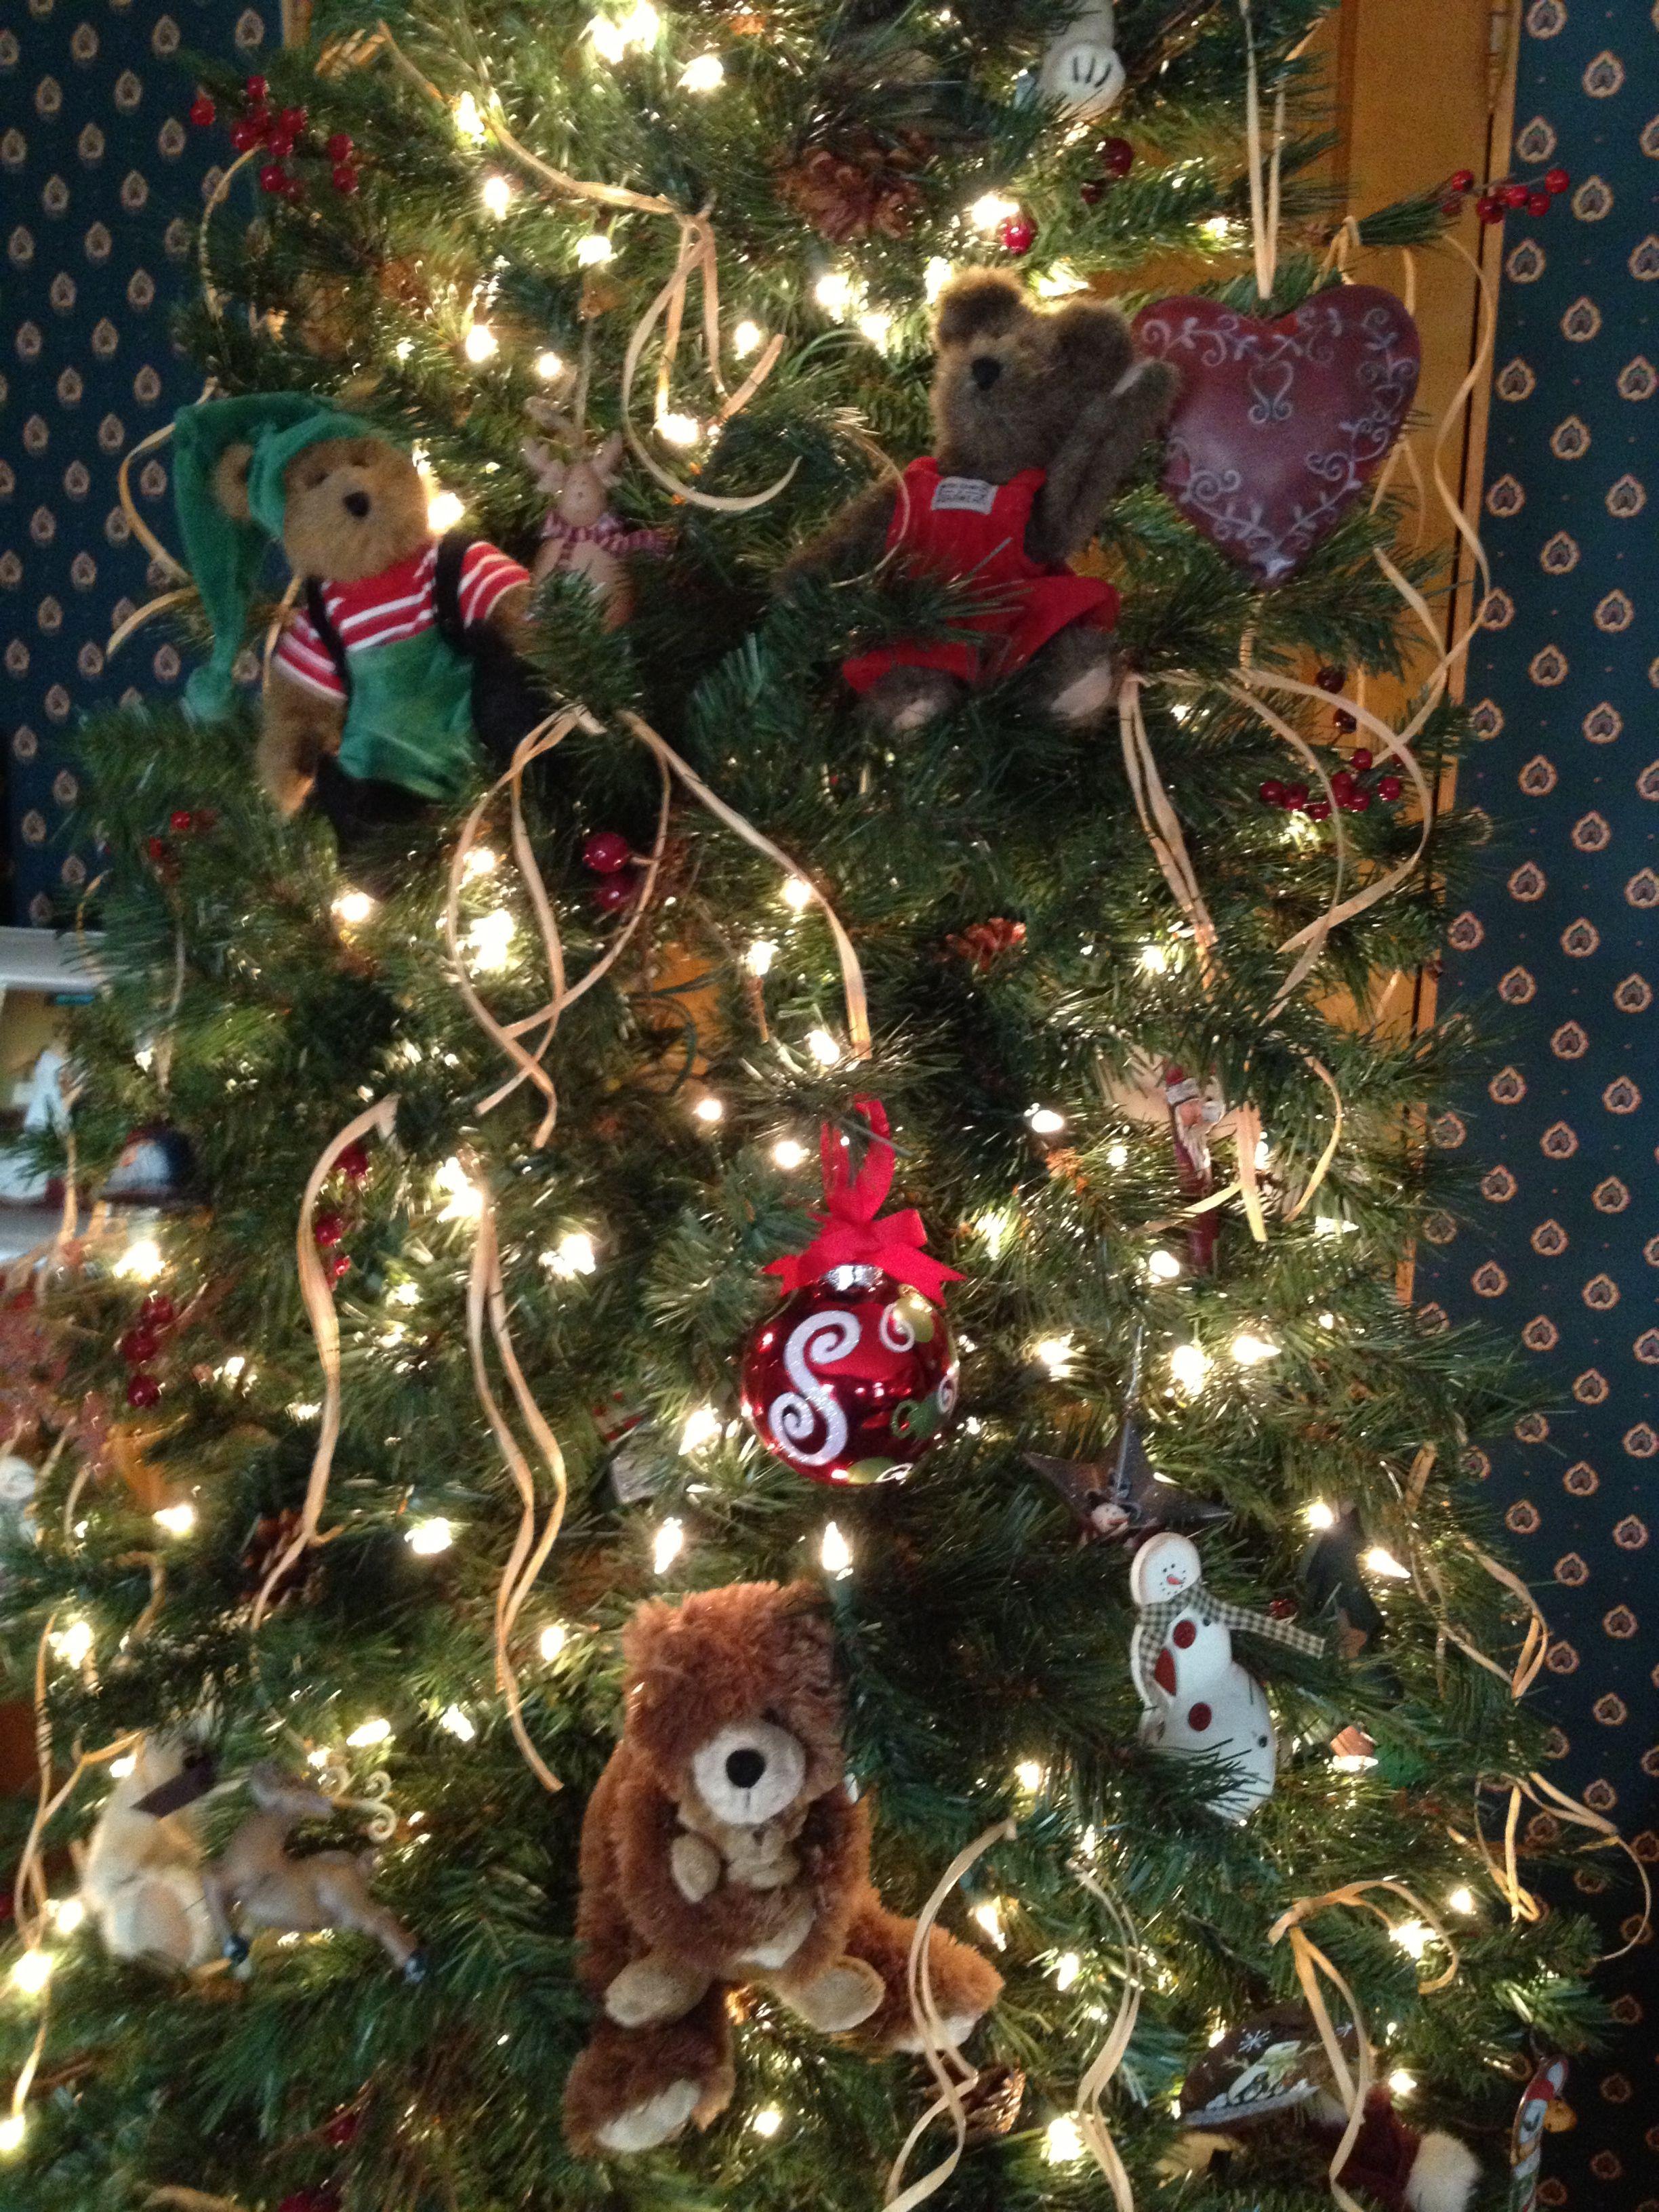 My Boyd S Bear Christmas Tree Boyds Bears Christmas Christmas Tree Christmas Decorations